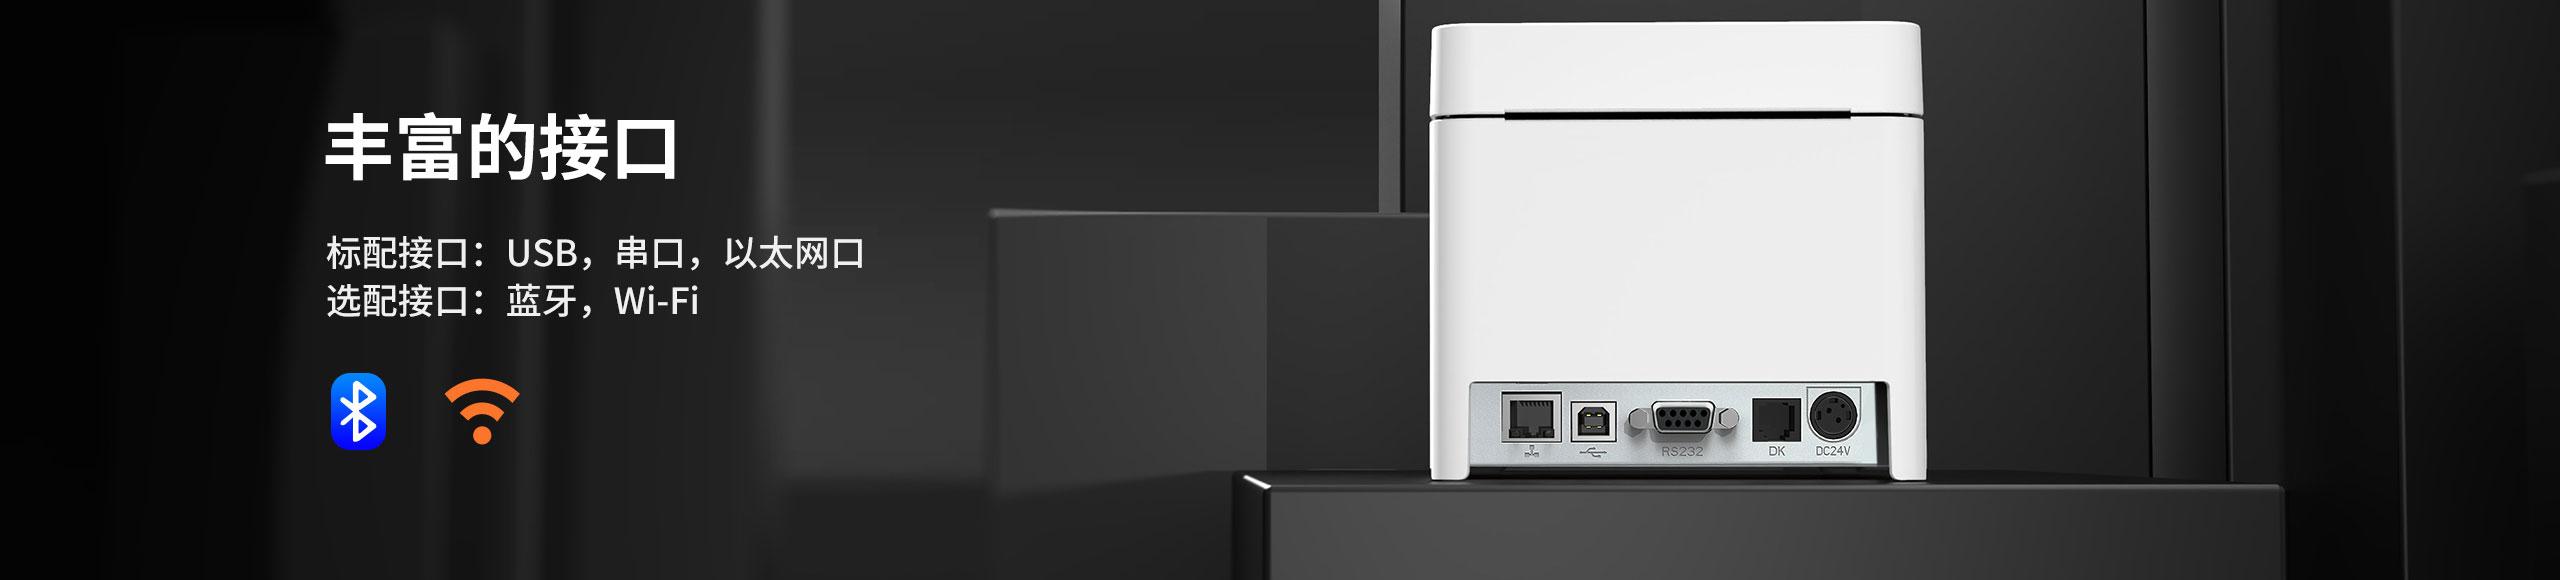 TP809热敏票据打印机,黑白两色可选  第18张